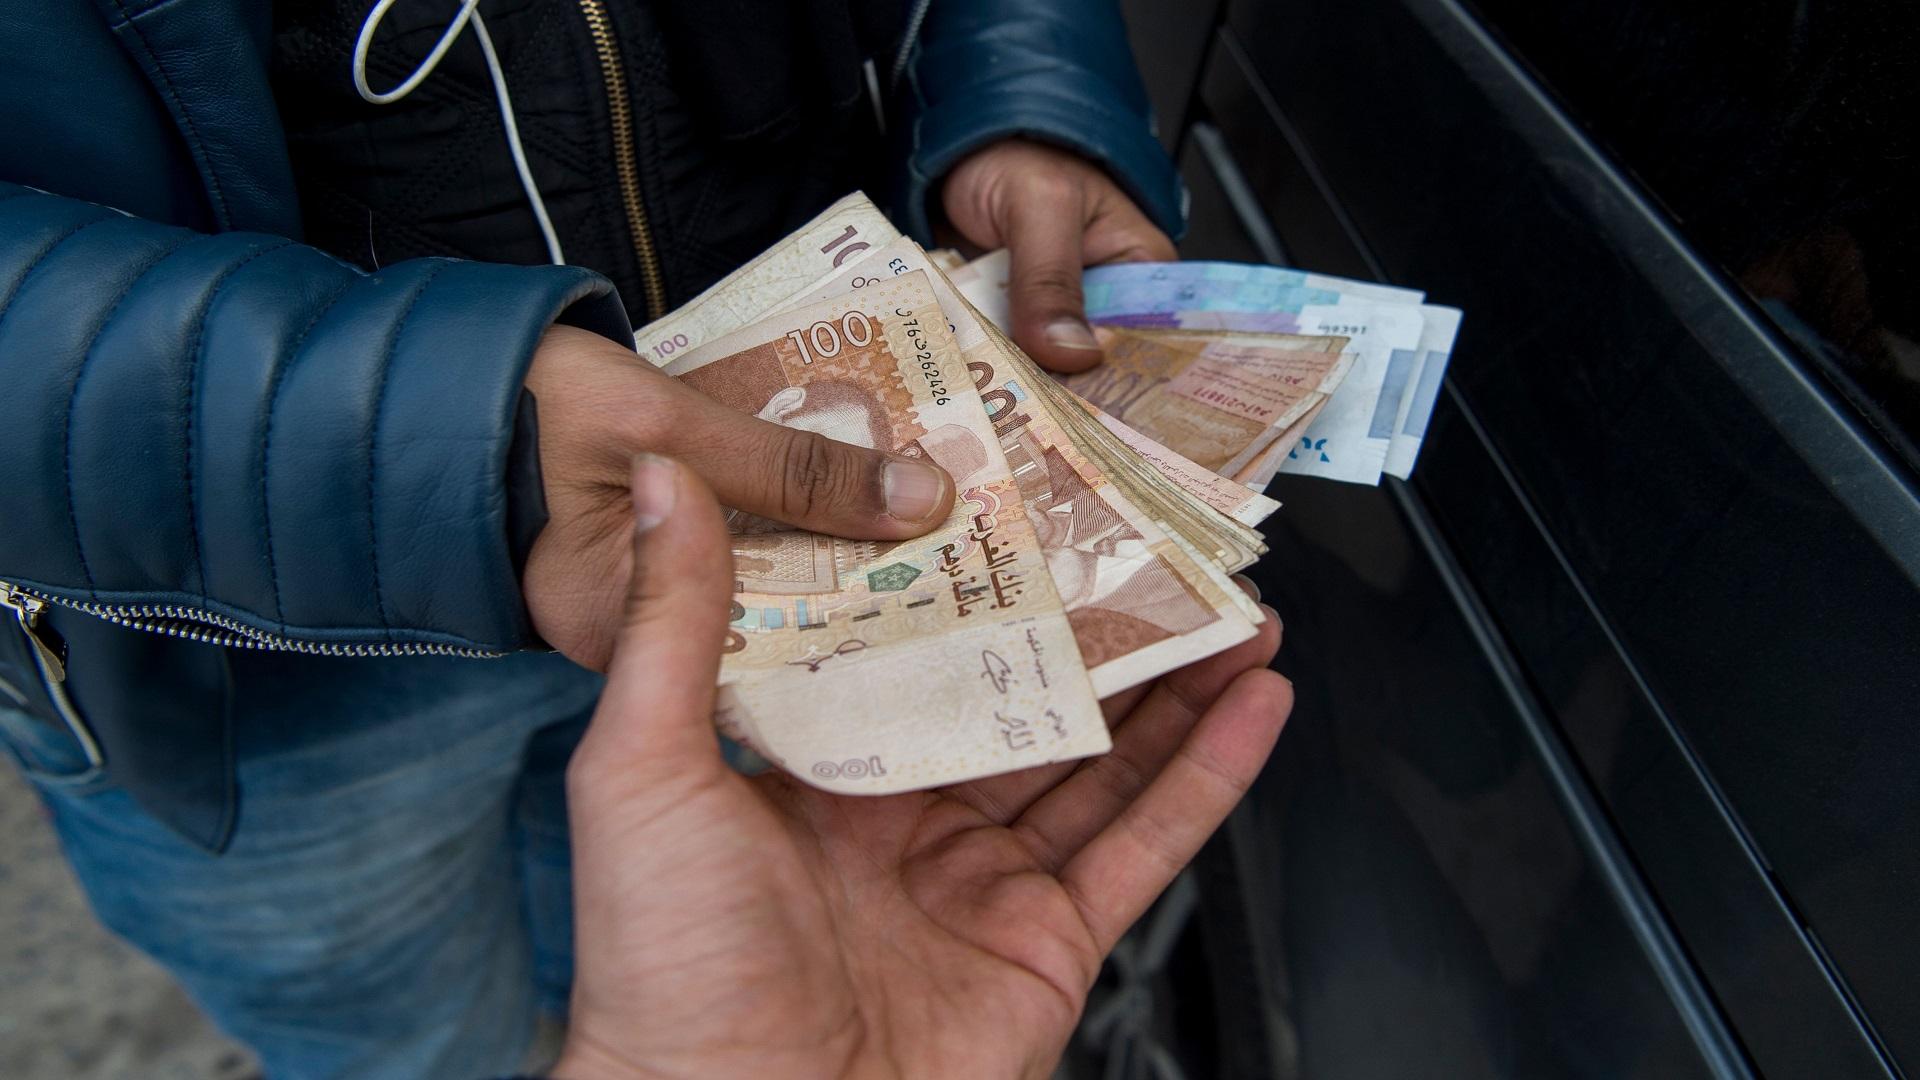 الجالية المقيمة بالخارج حولت أزيد من 20 مليار درهم خلال الأشهر الثلاثة الماضية